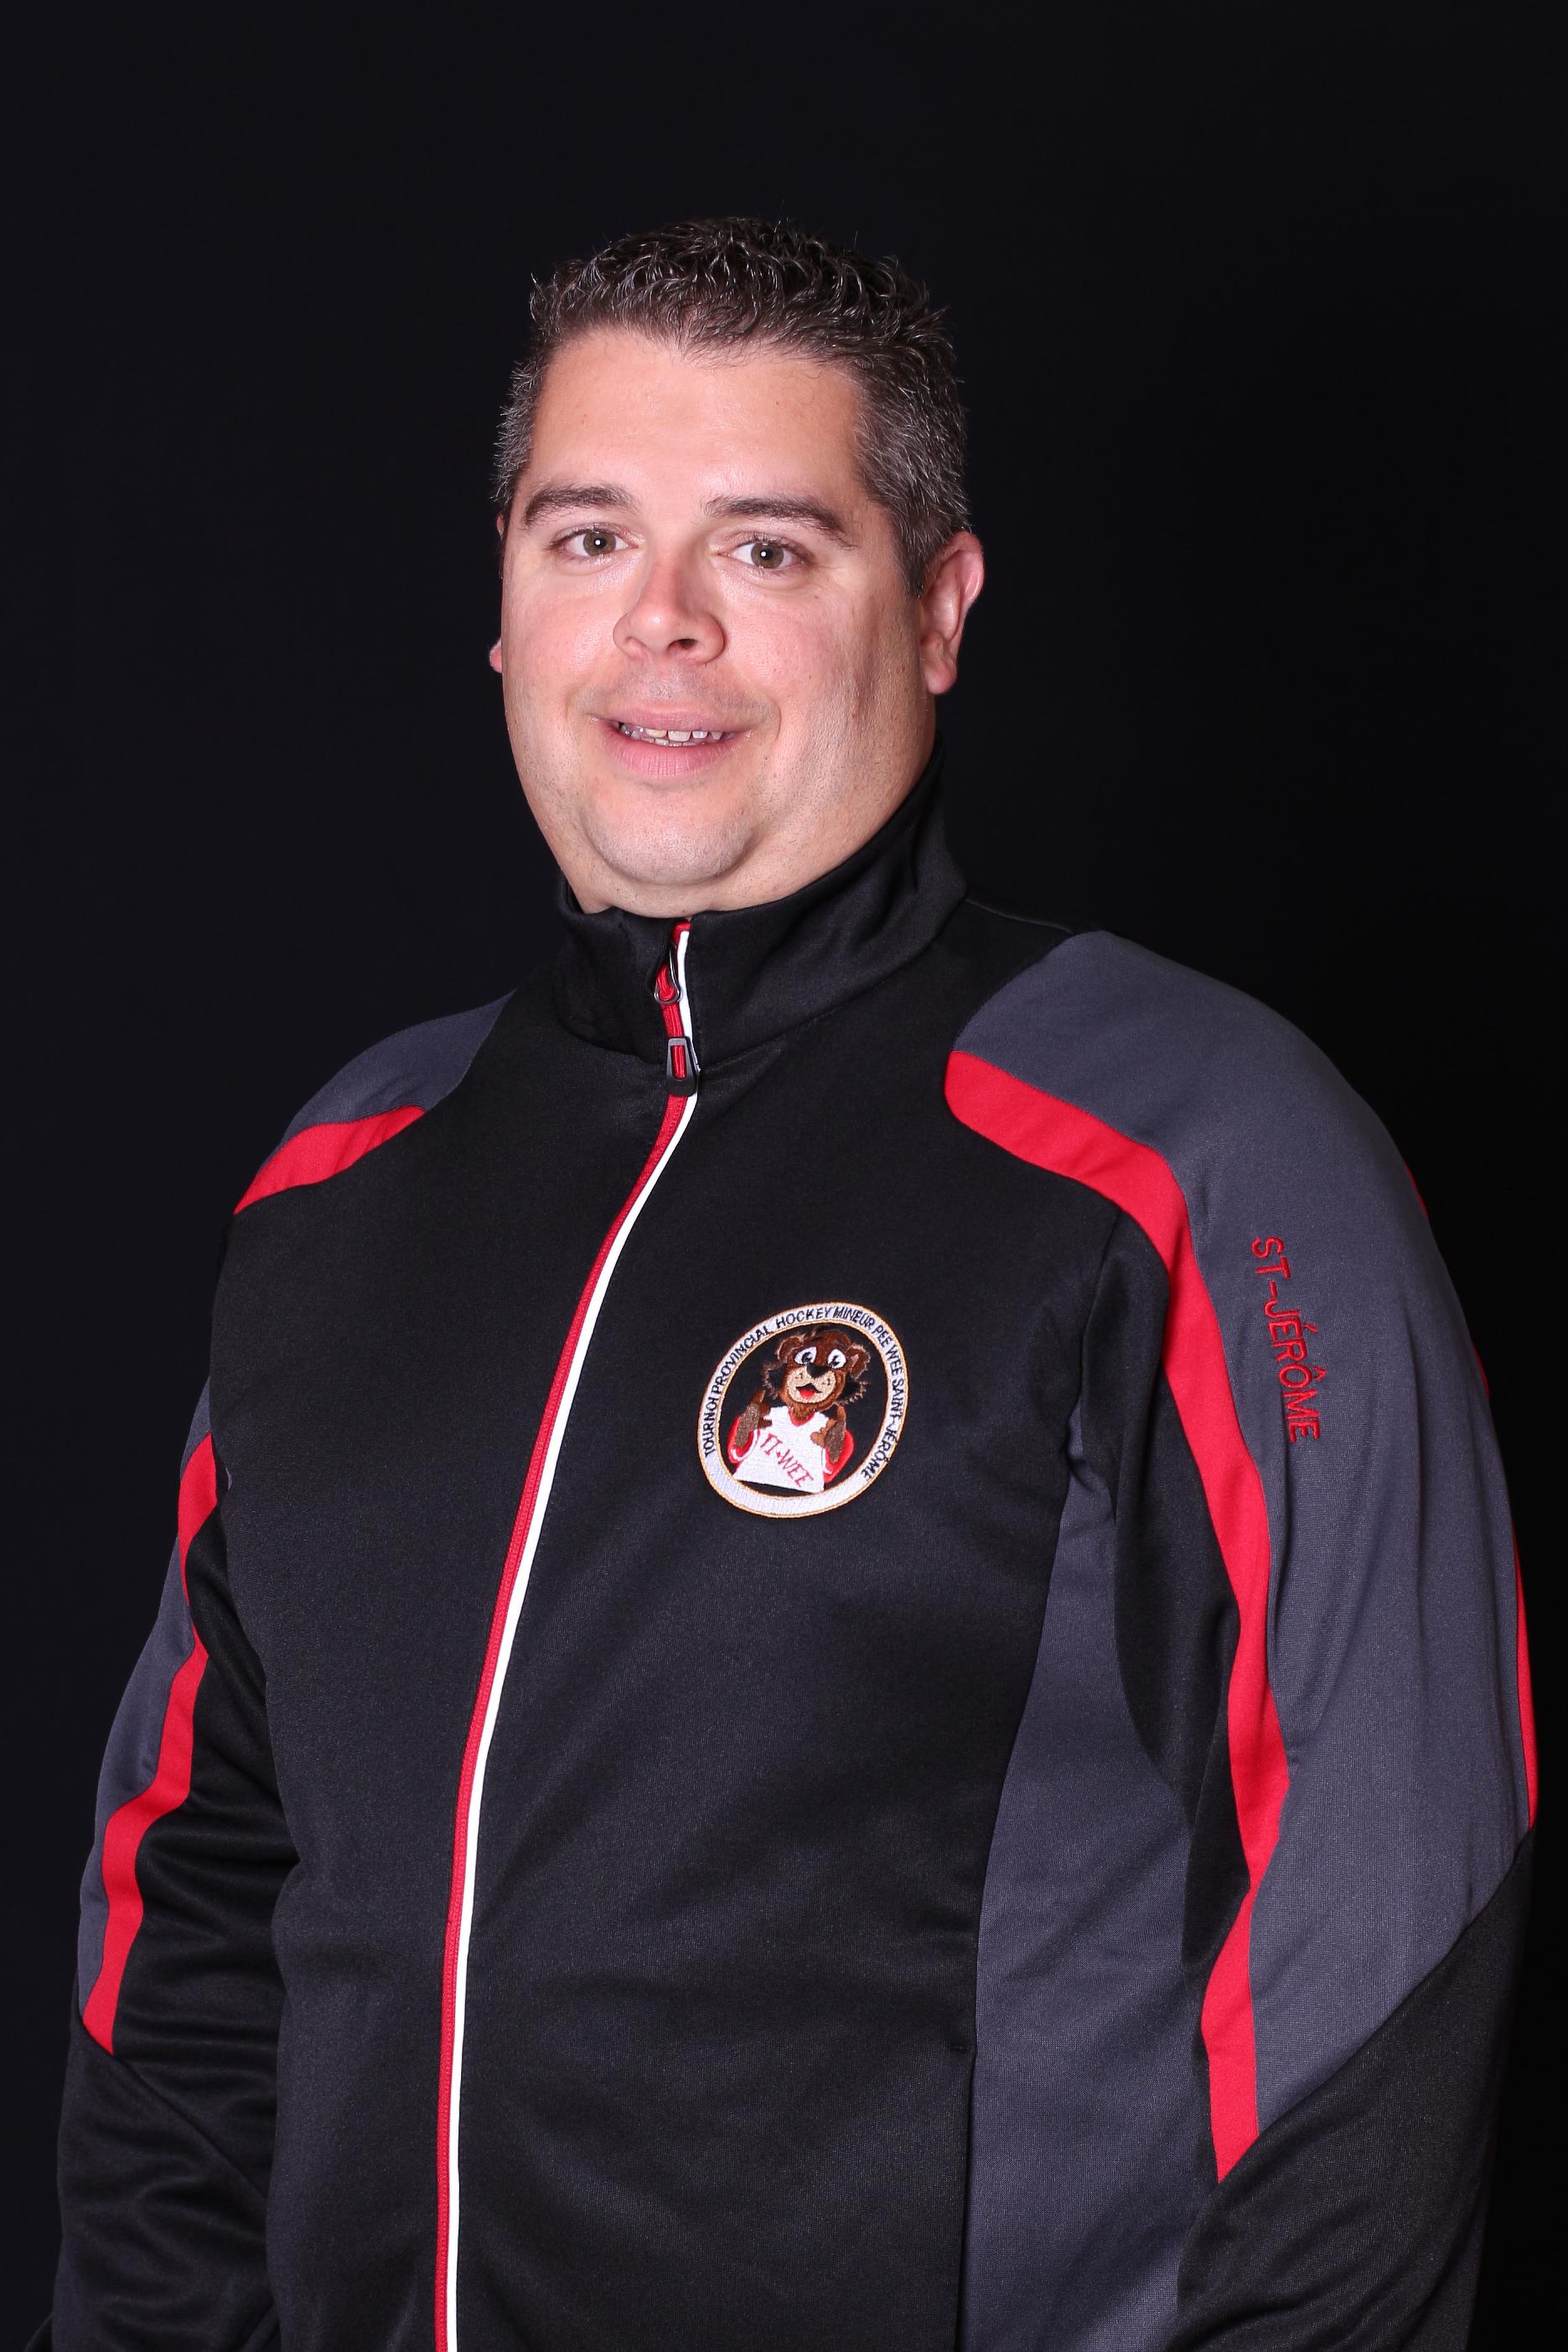 Dominic Pagé